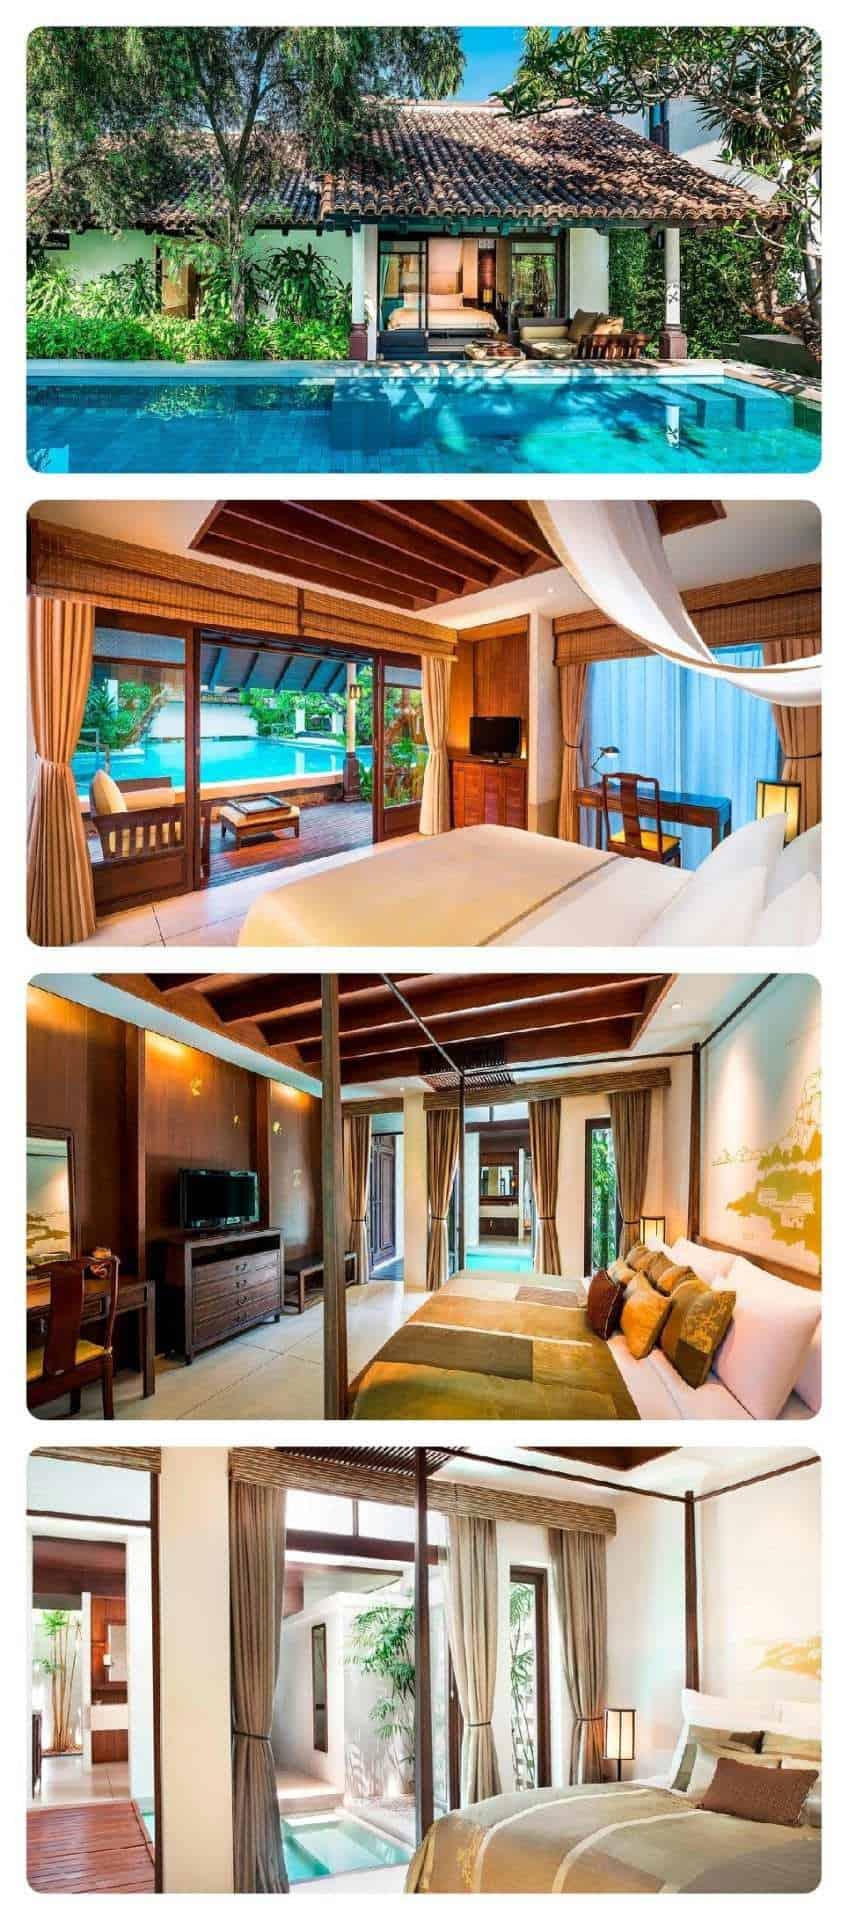 מלונות בקו סמוי למשפחות עם ילדים - Le Meridien Koh Samui Resort & Spa תמונות הסוויטות מתוך אתר המלון הרשמי